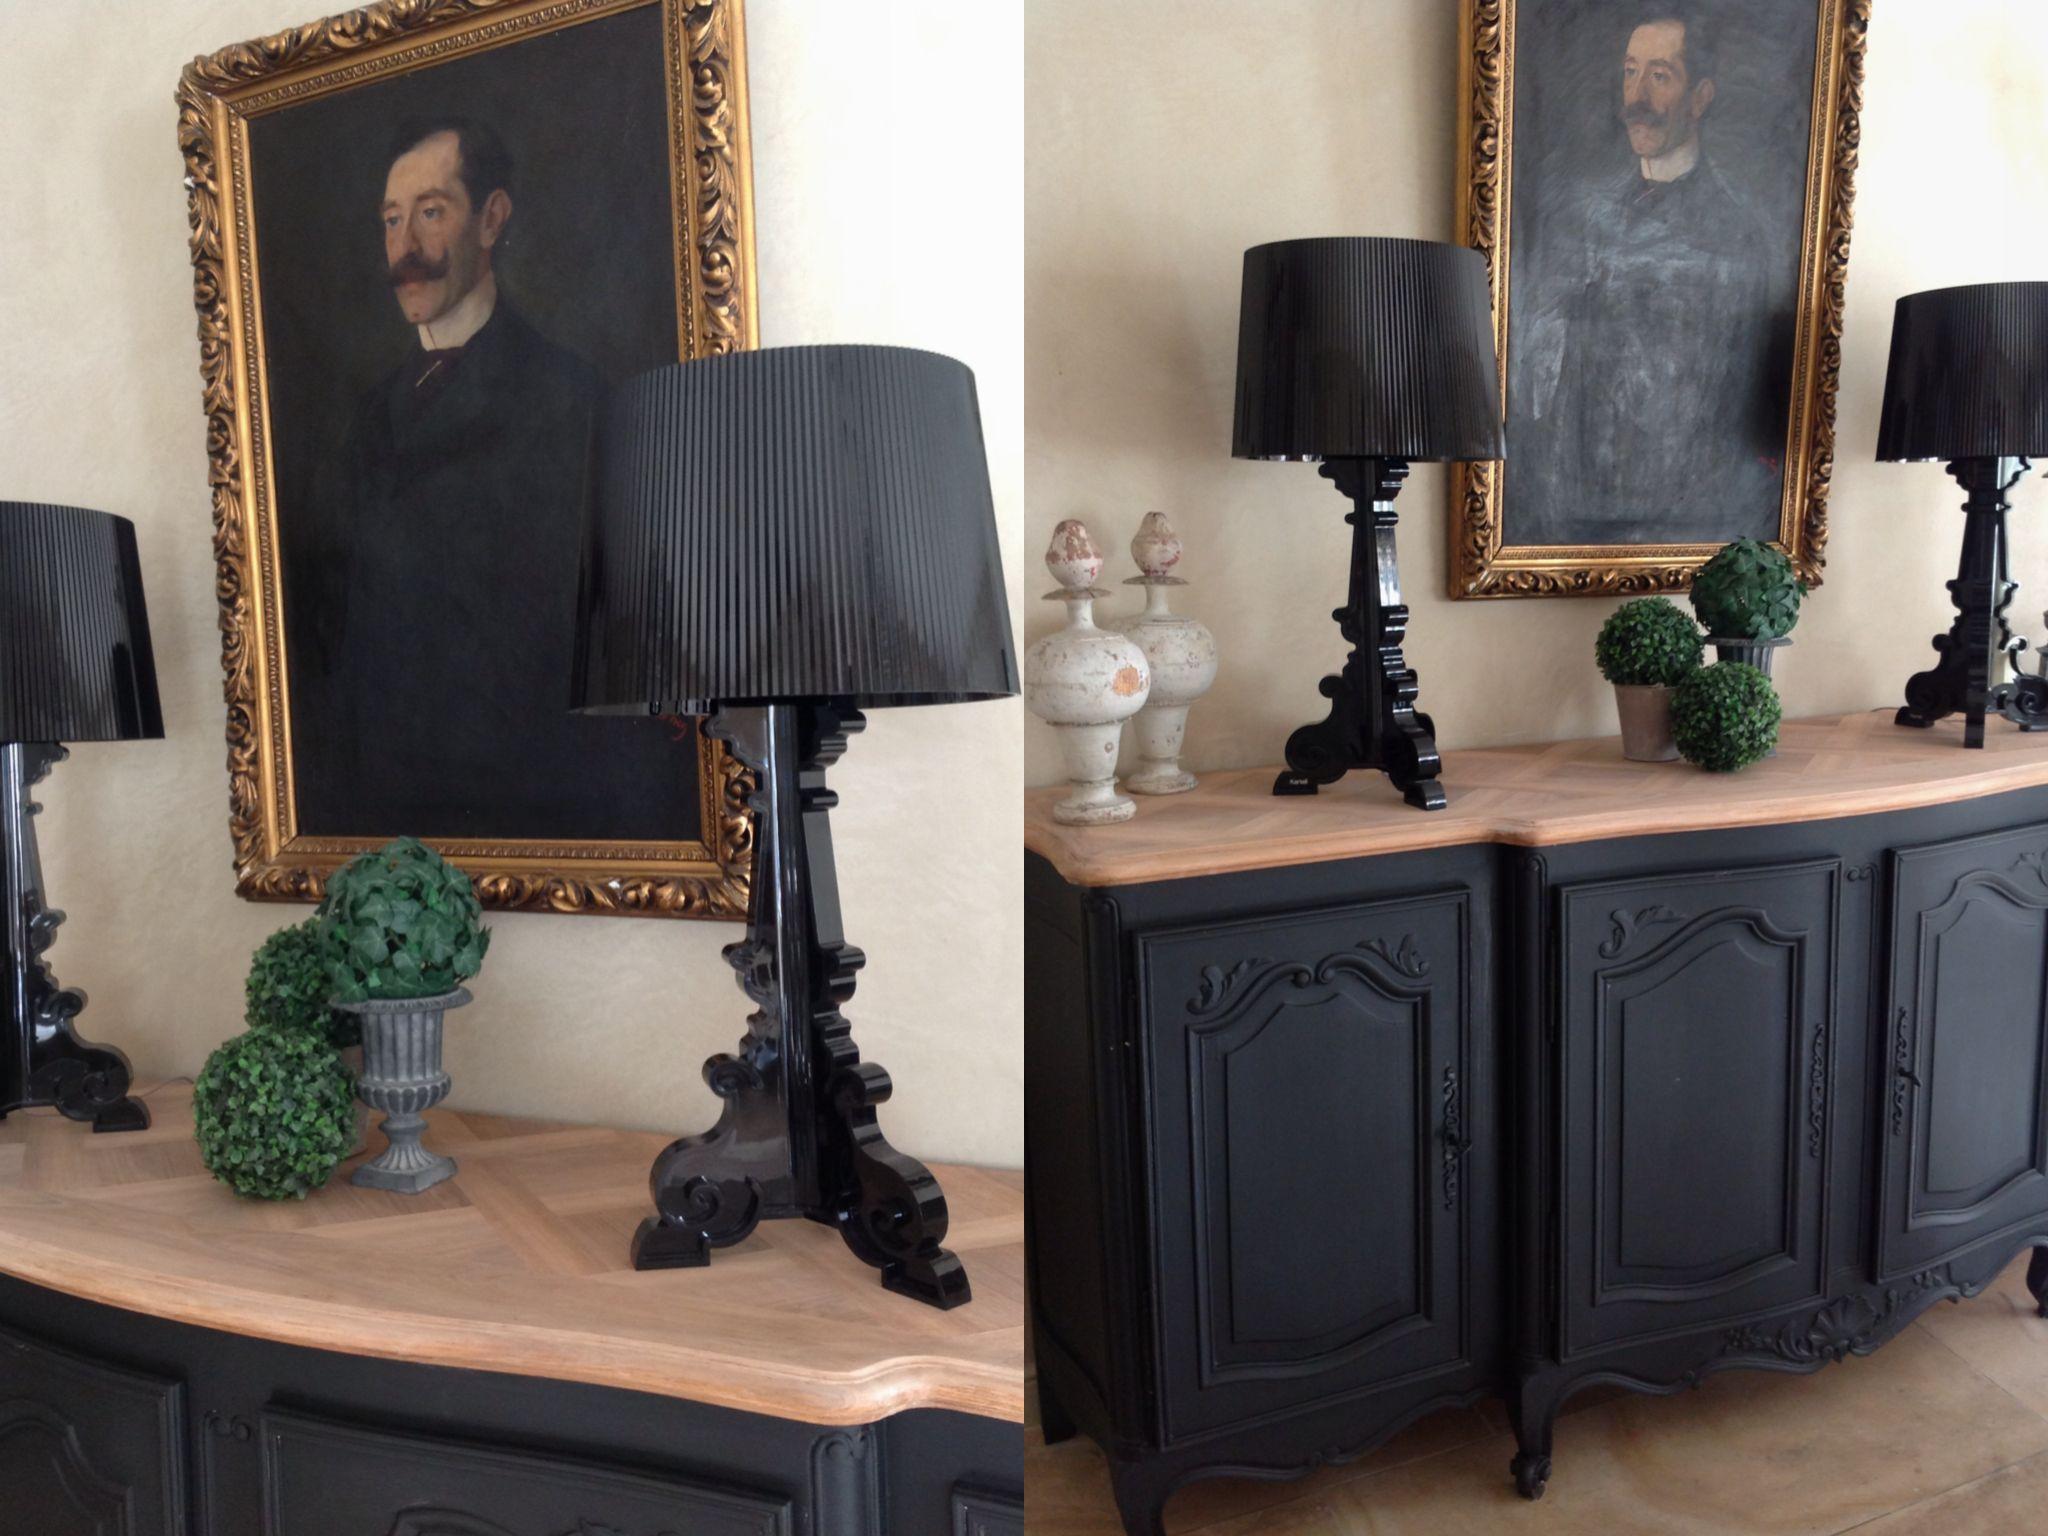 bahut peint en noir et son plateau bois